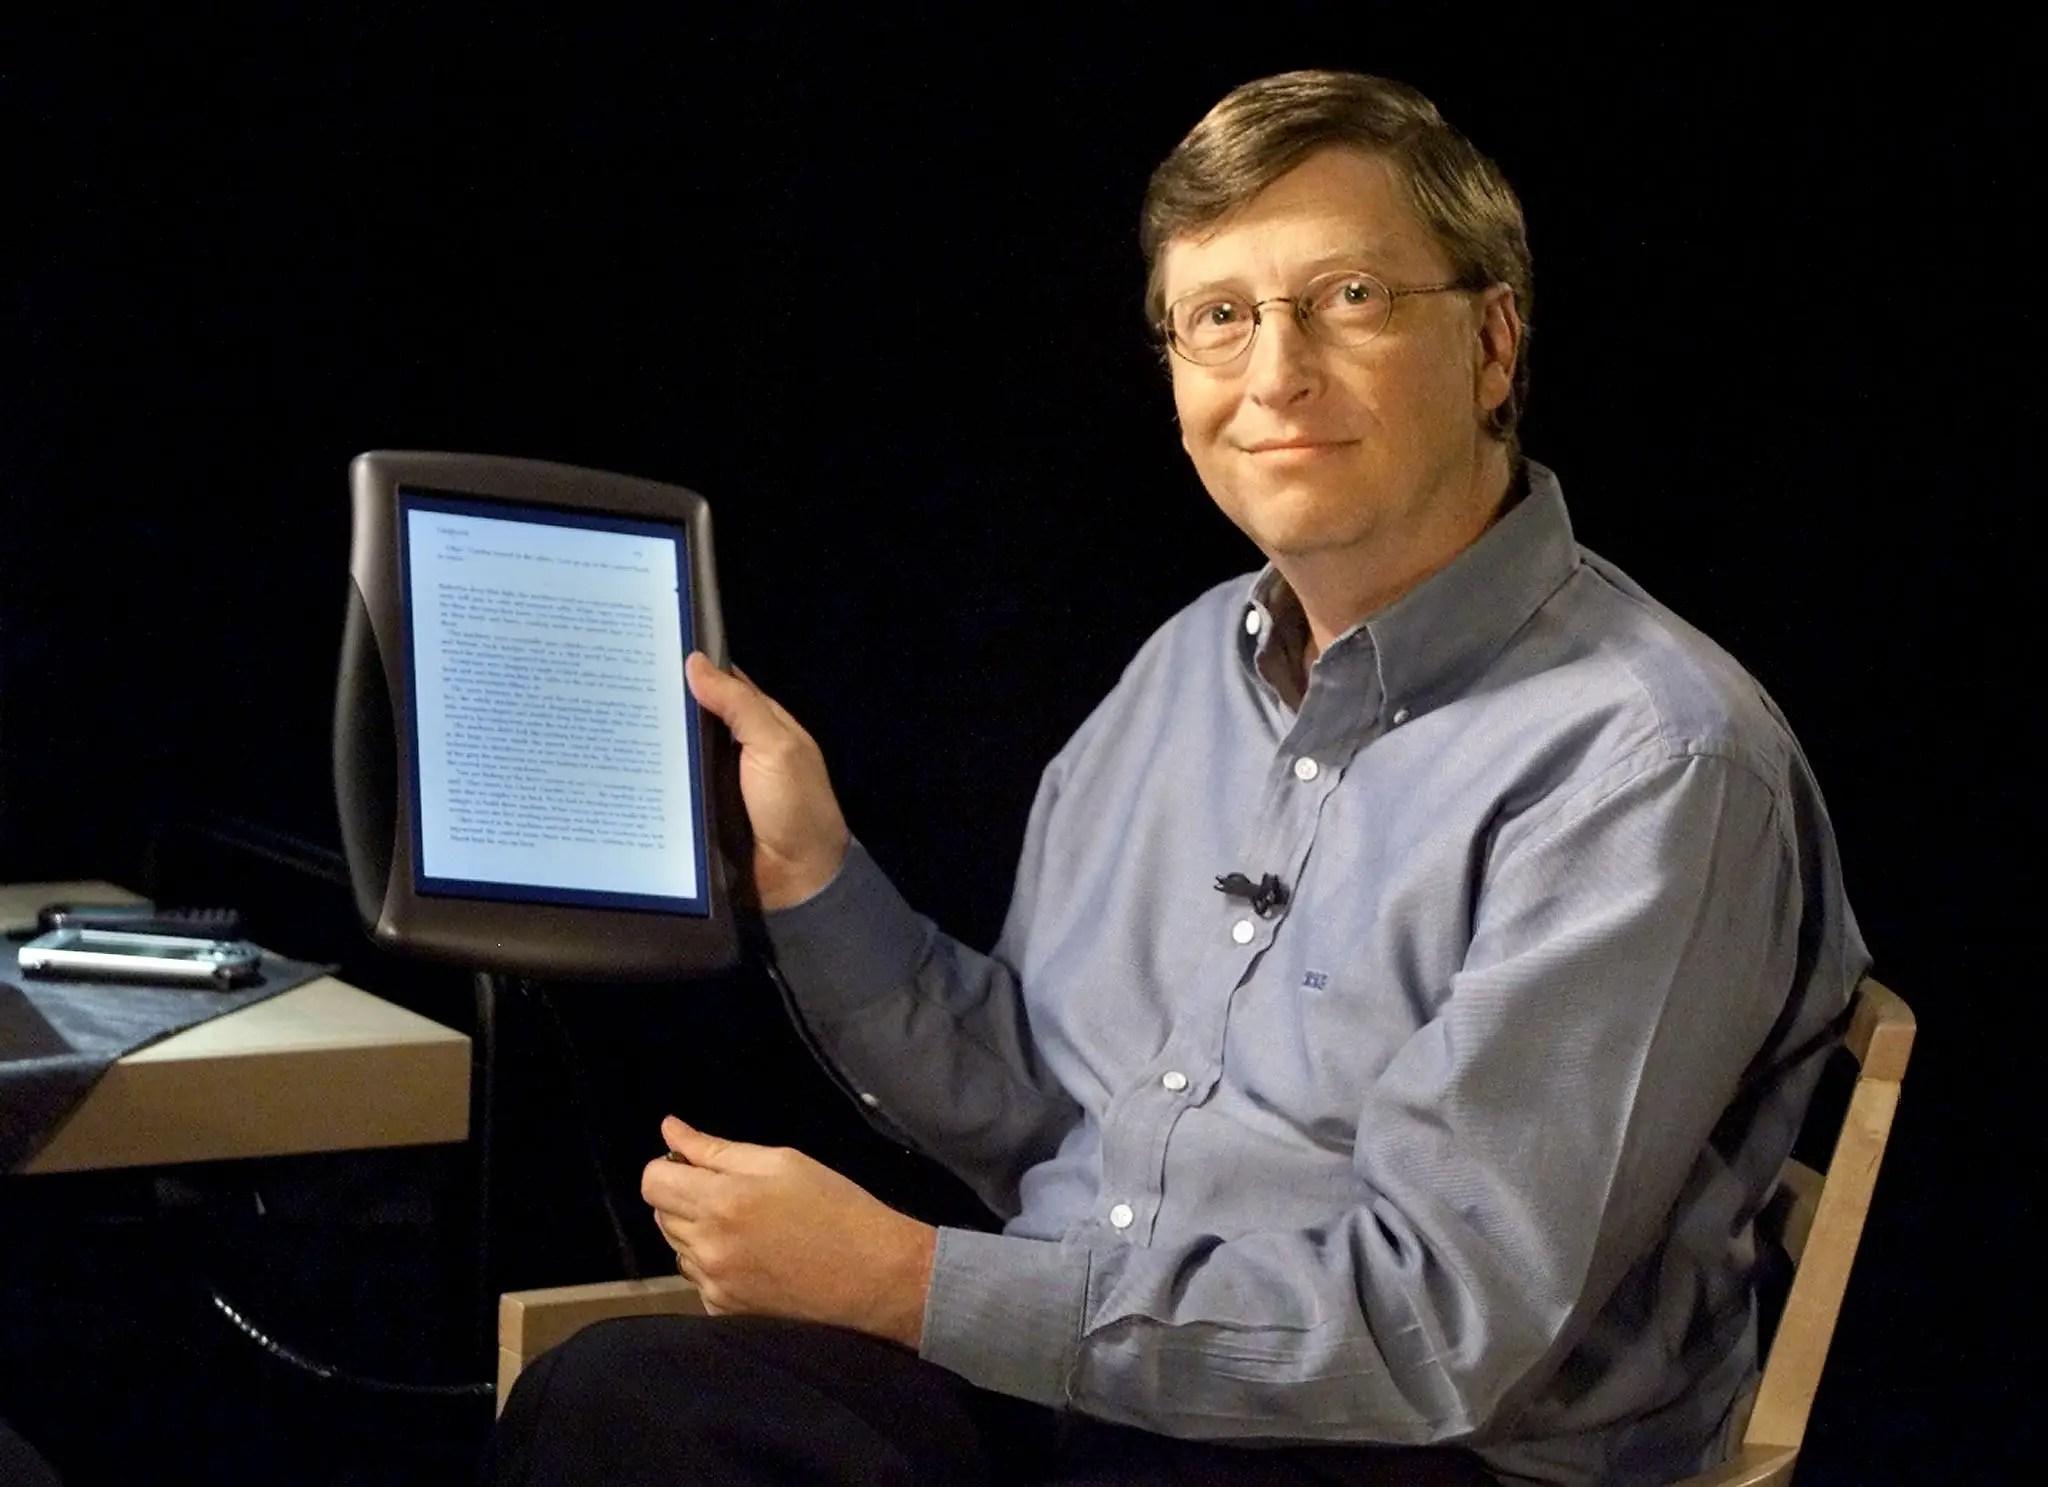 Bill Gates tablet 2000